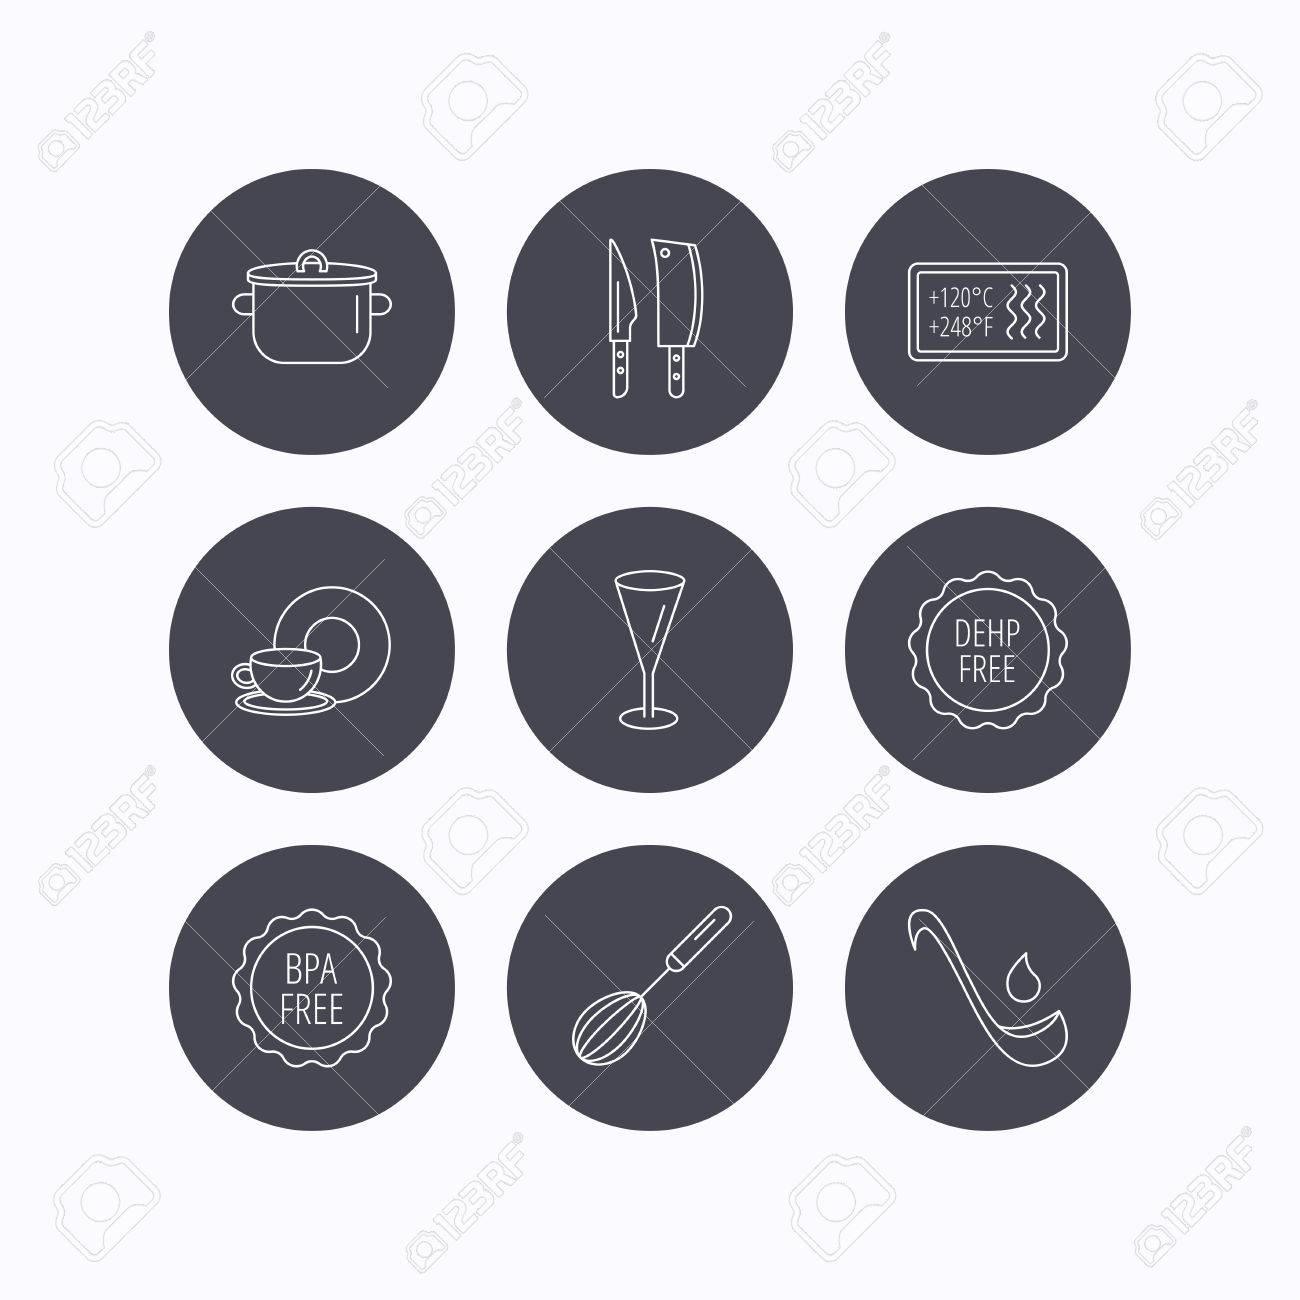 Cuchillos De Cocina, Vidrio Y Los Iconos De La Cacerola. La Comida Y ...